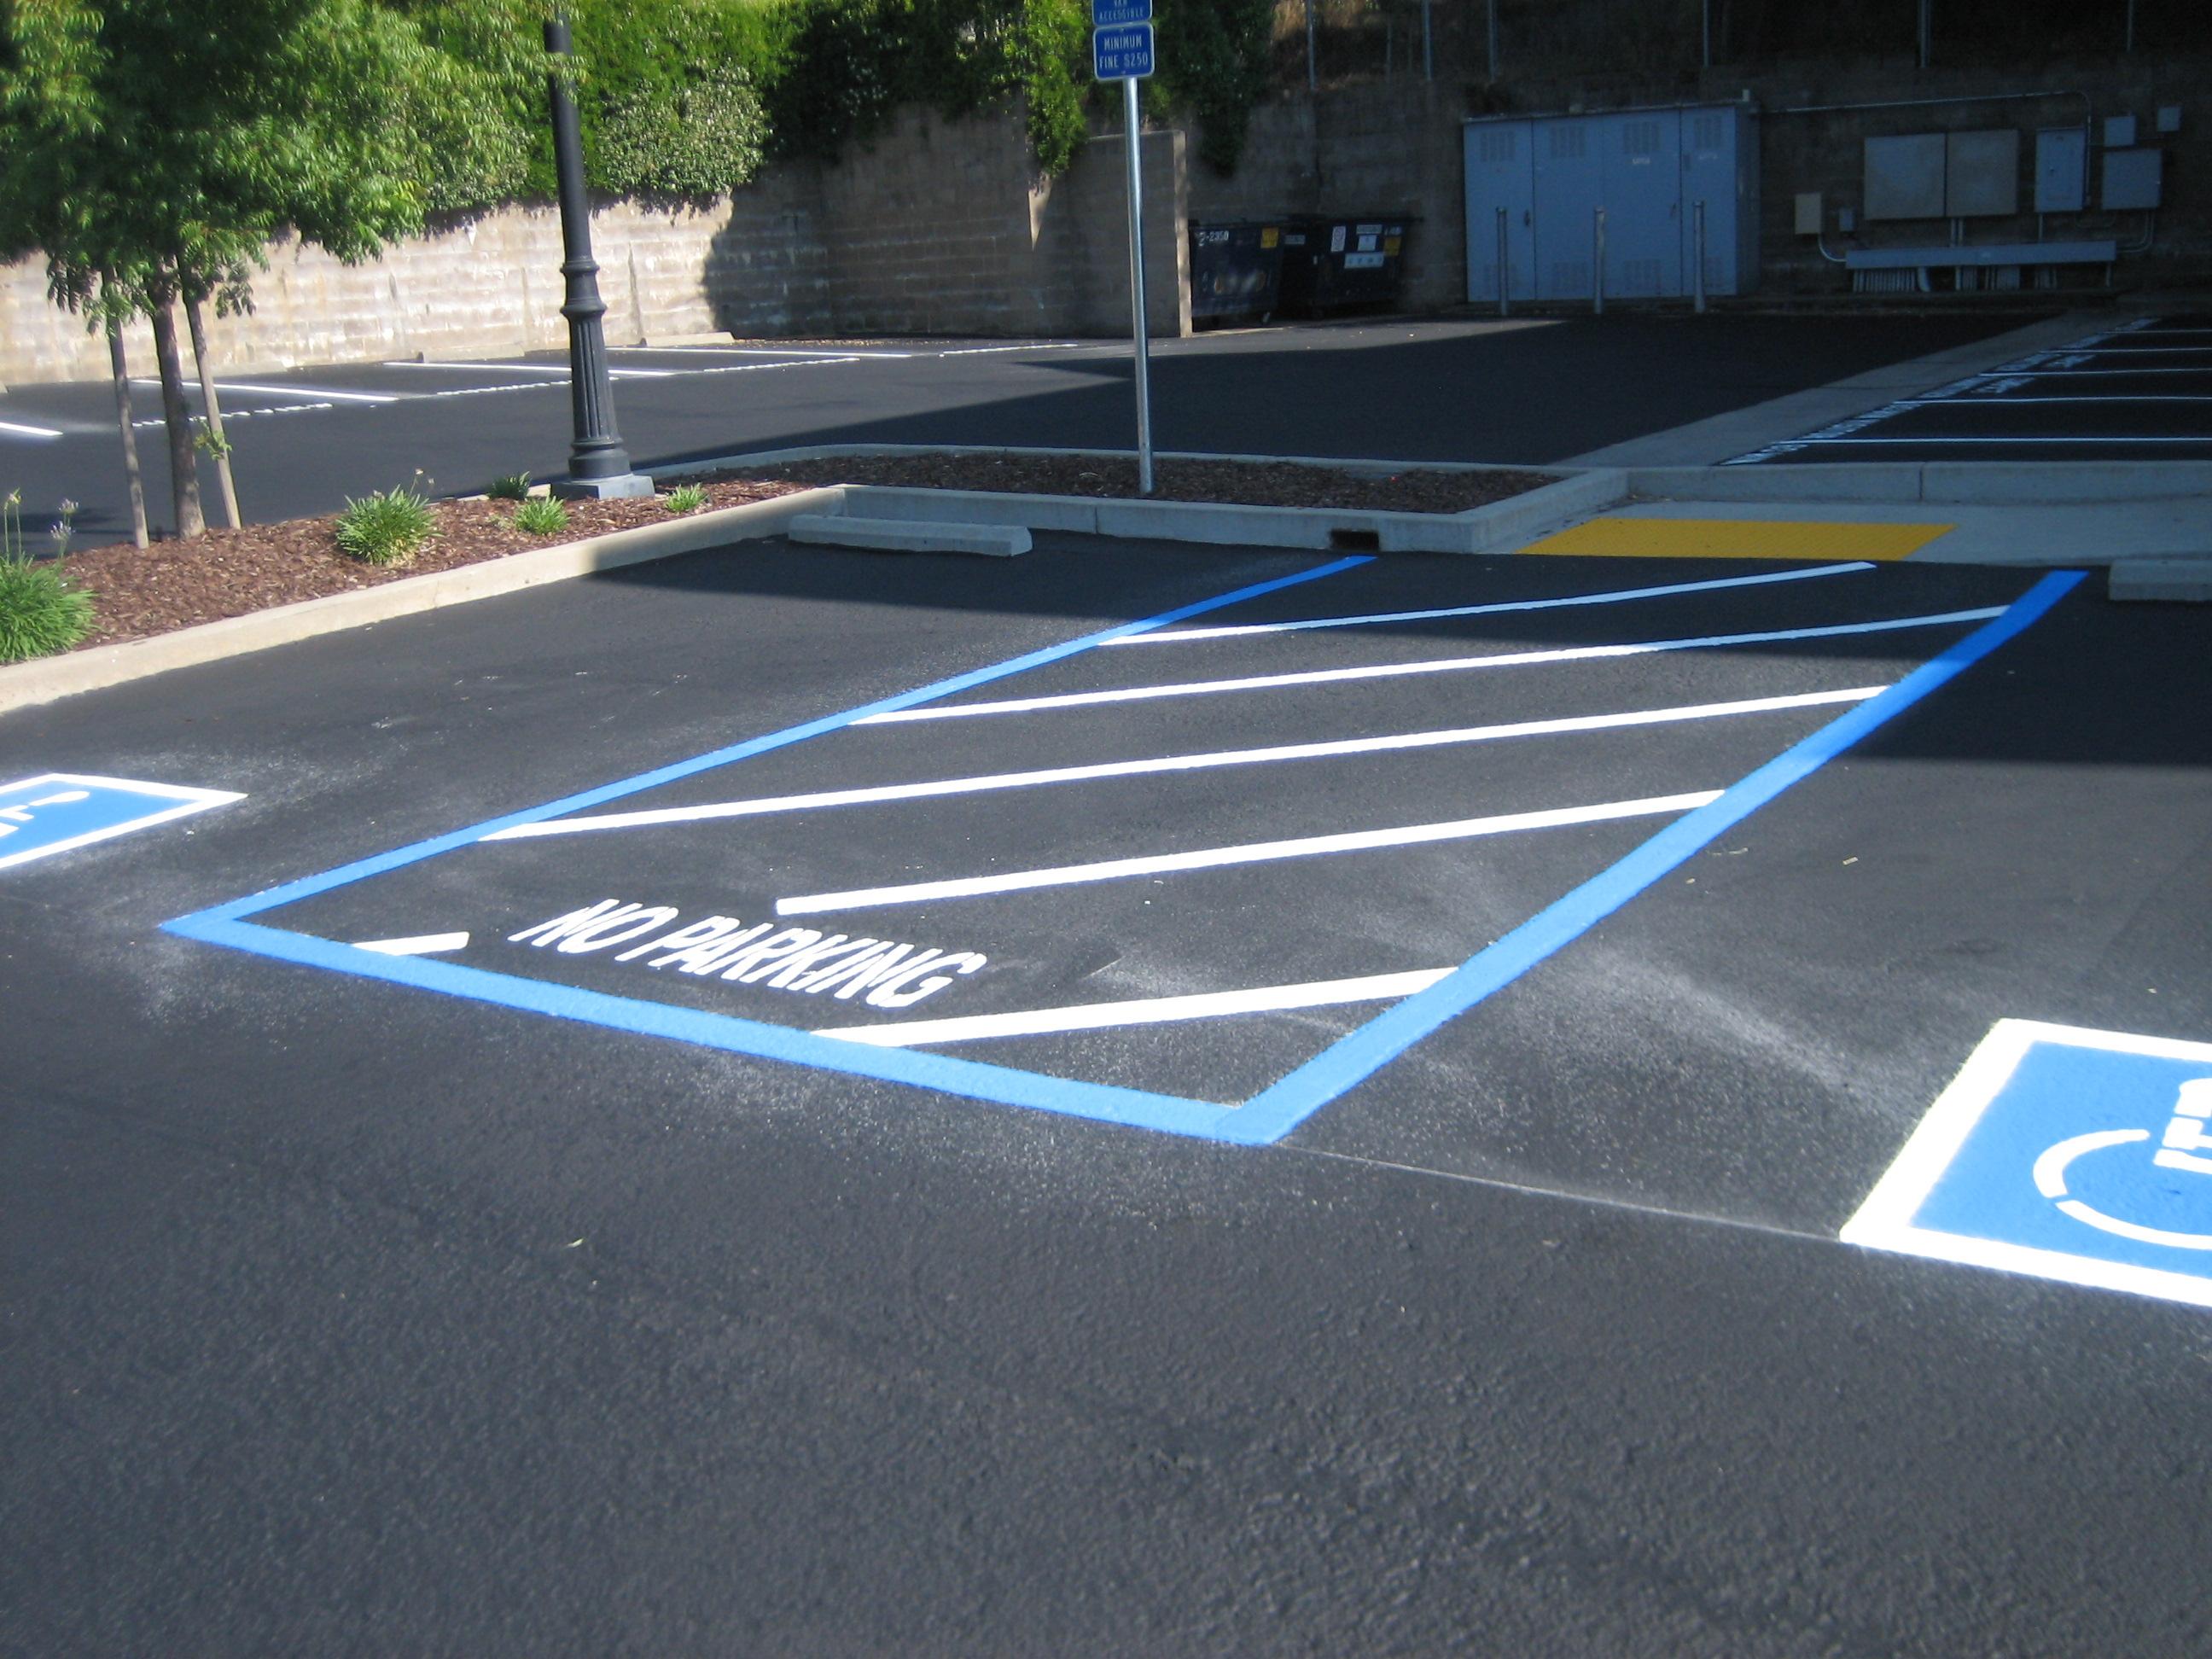 Custom Curb Painting, Handicap, ADA Upgrades, Crackfill